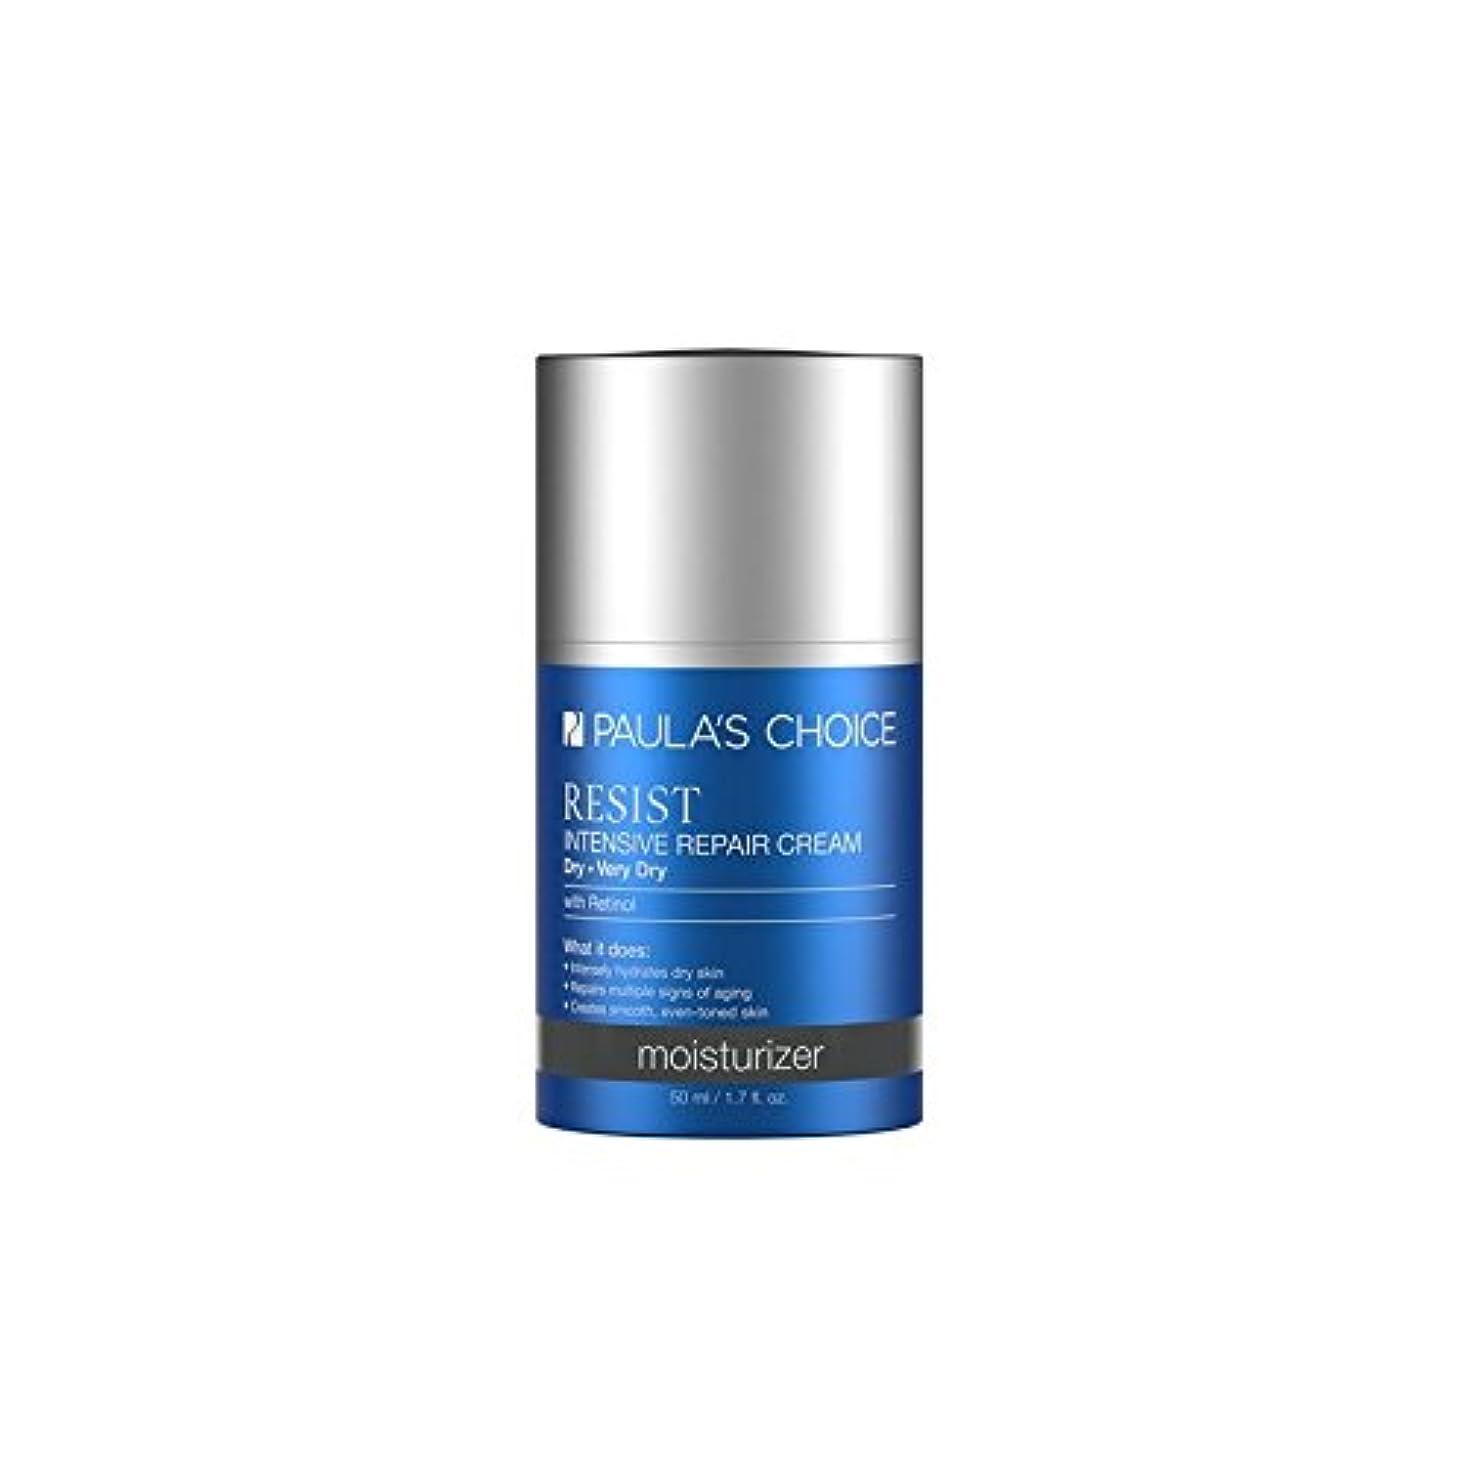 ニコチン故国スキルPaula's Choice Resist Intensive Repair Cream (50ml) (Pack of 6) - ポーラチョイスの集中リペアクリーム(50)に抵抗します x6 [並行輸入品]